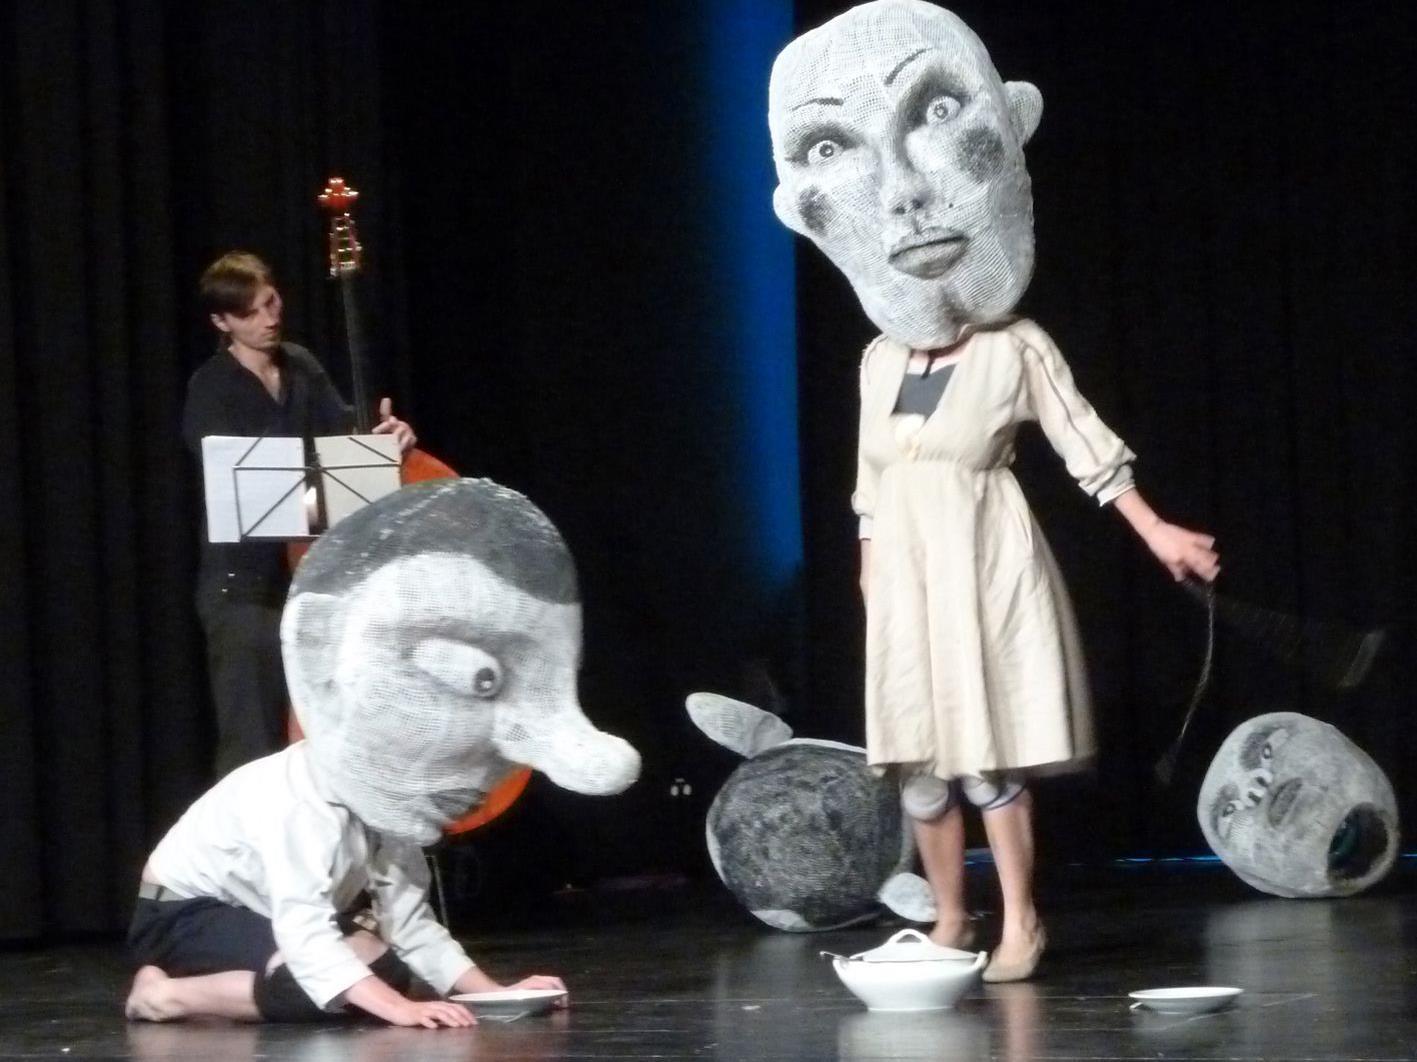 Das Figurenspiel mit Riesenköpfen überzeugte sowohl zwei Jurymitglieder als auch das Publikum